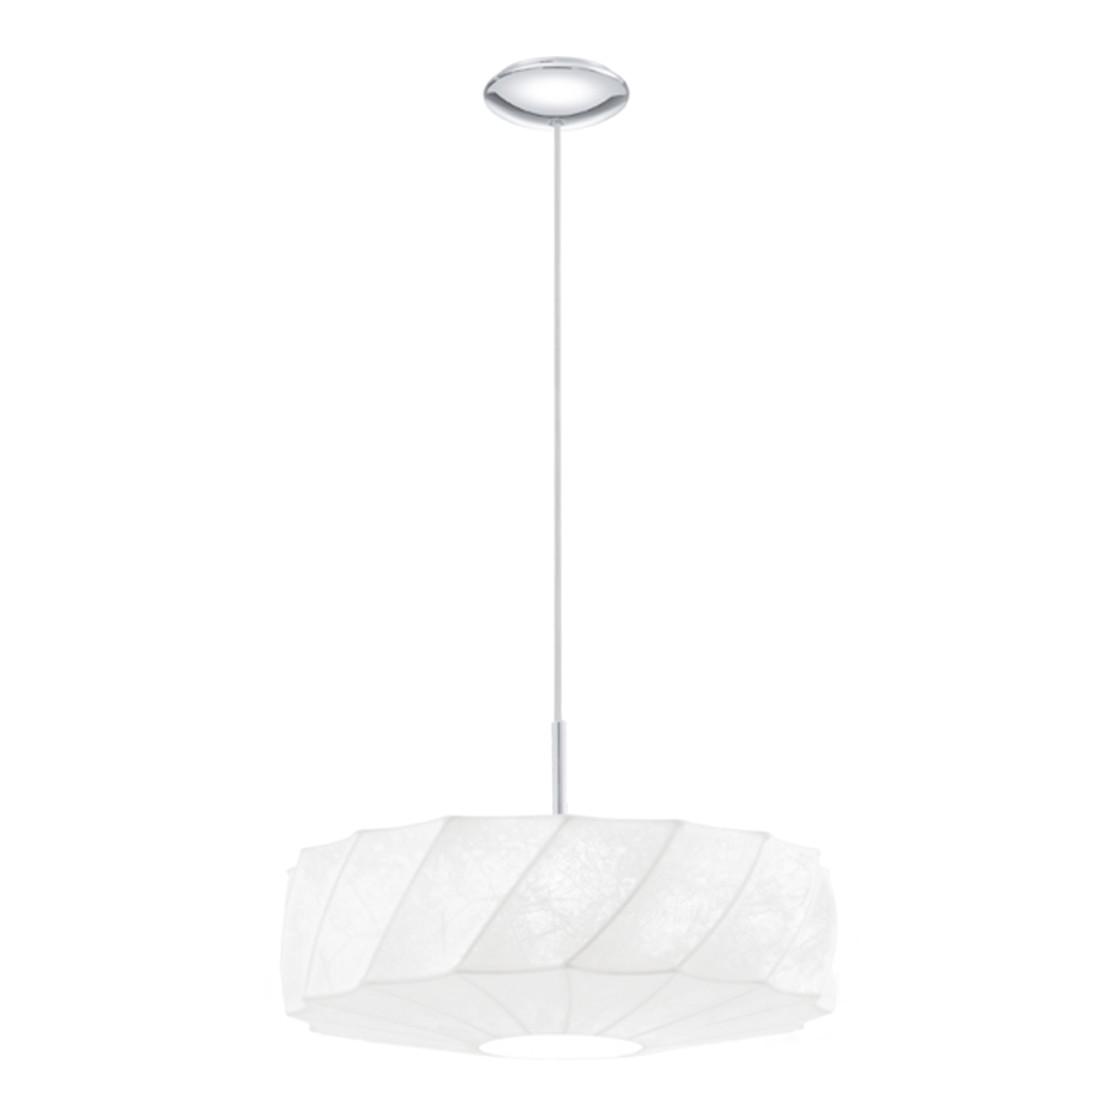 Pendelleuchte cocoon glas pendelleuchte modern for Lampen rampe